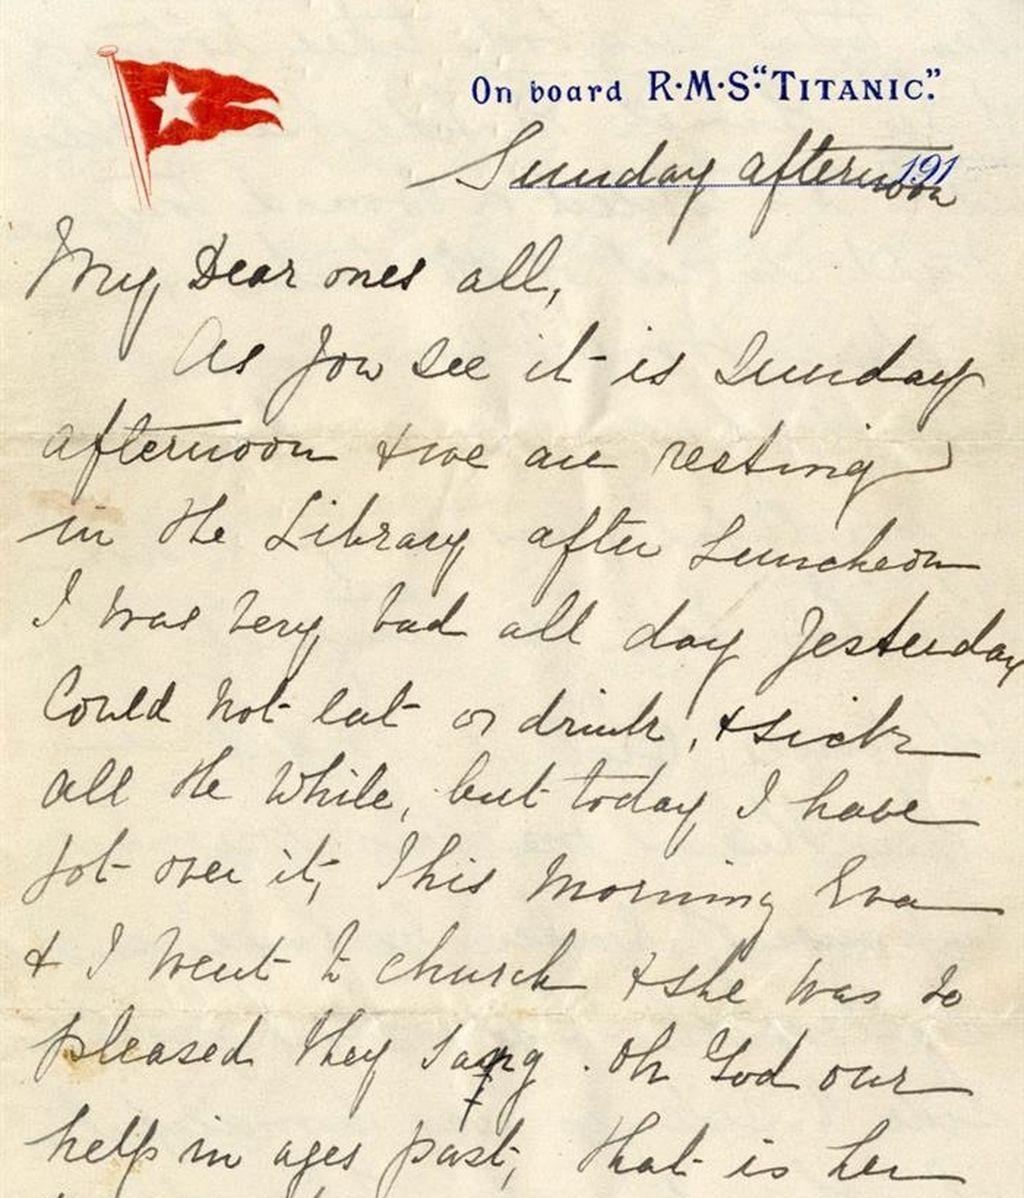 Subastan una carta escrita por una pasajera del Titanic, unas horas antes de que se hundiera